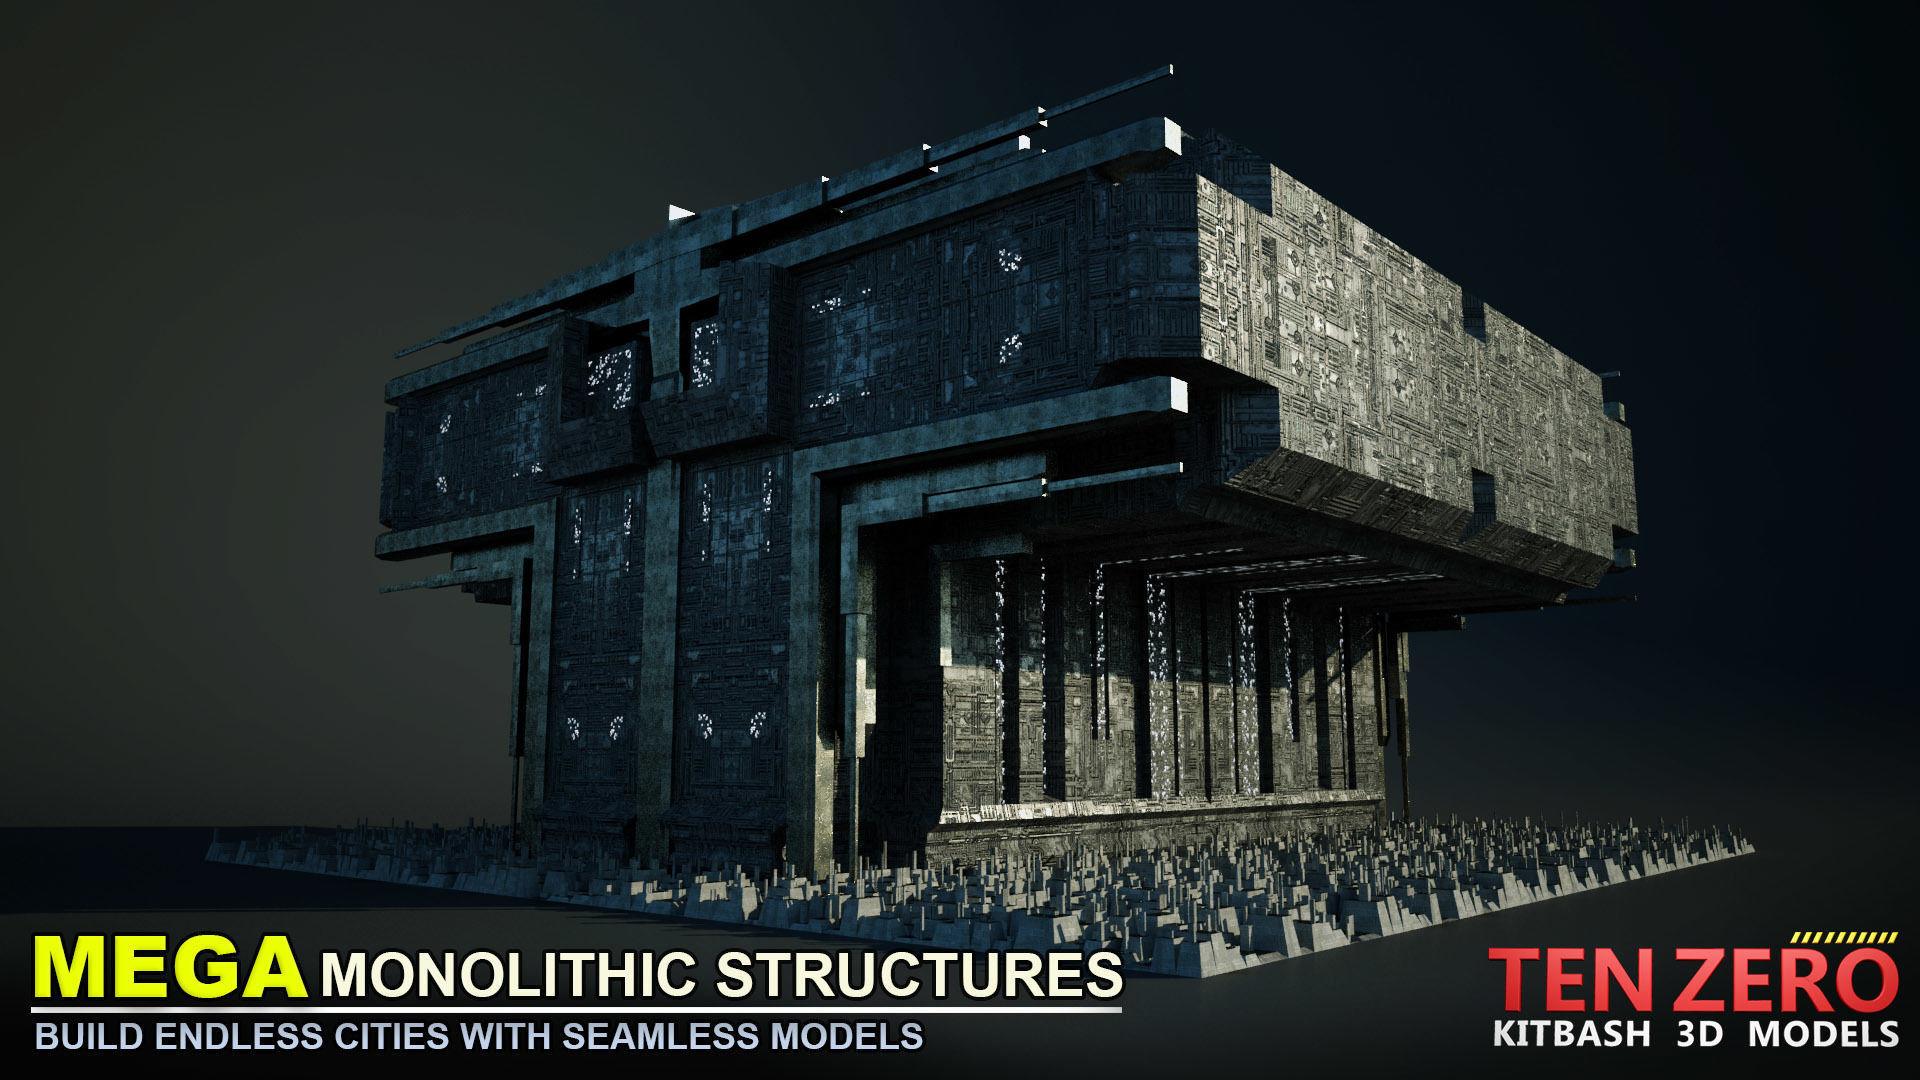 3D model FREE MEGA MONOLITHIC STRUCTURE SCI-FI KITBASH